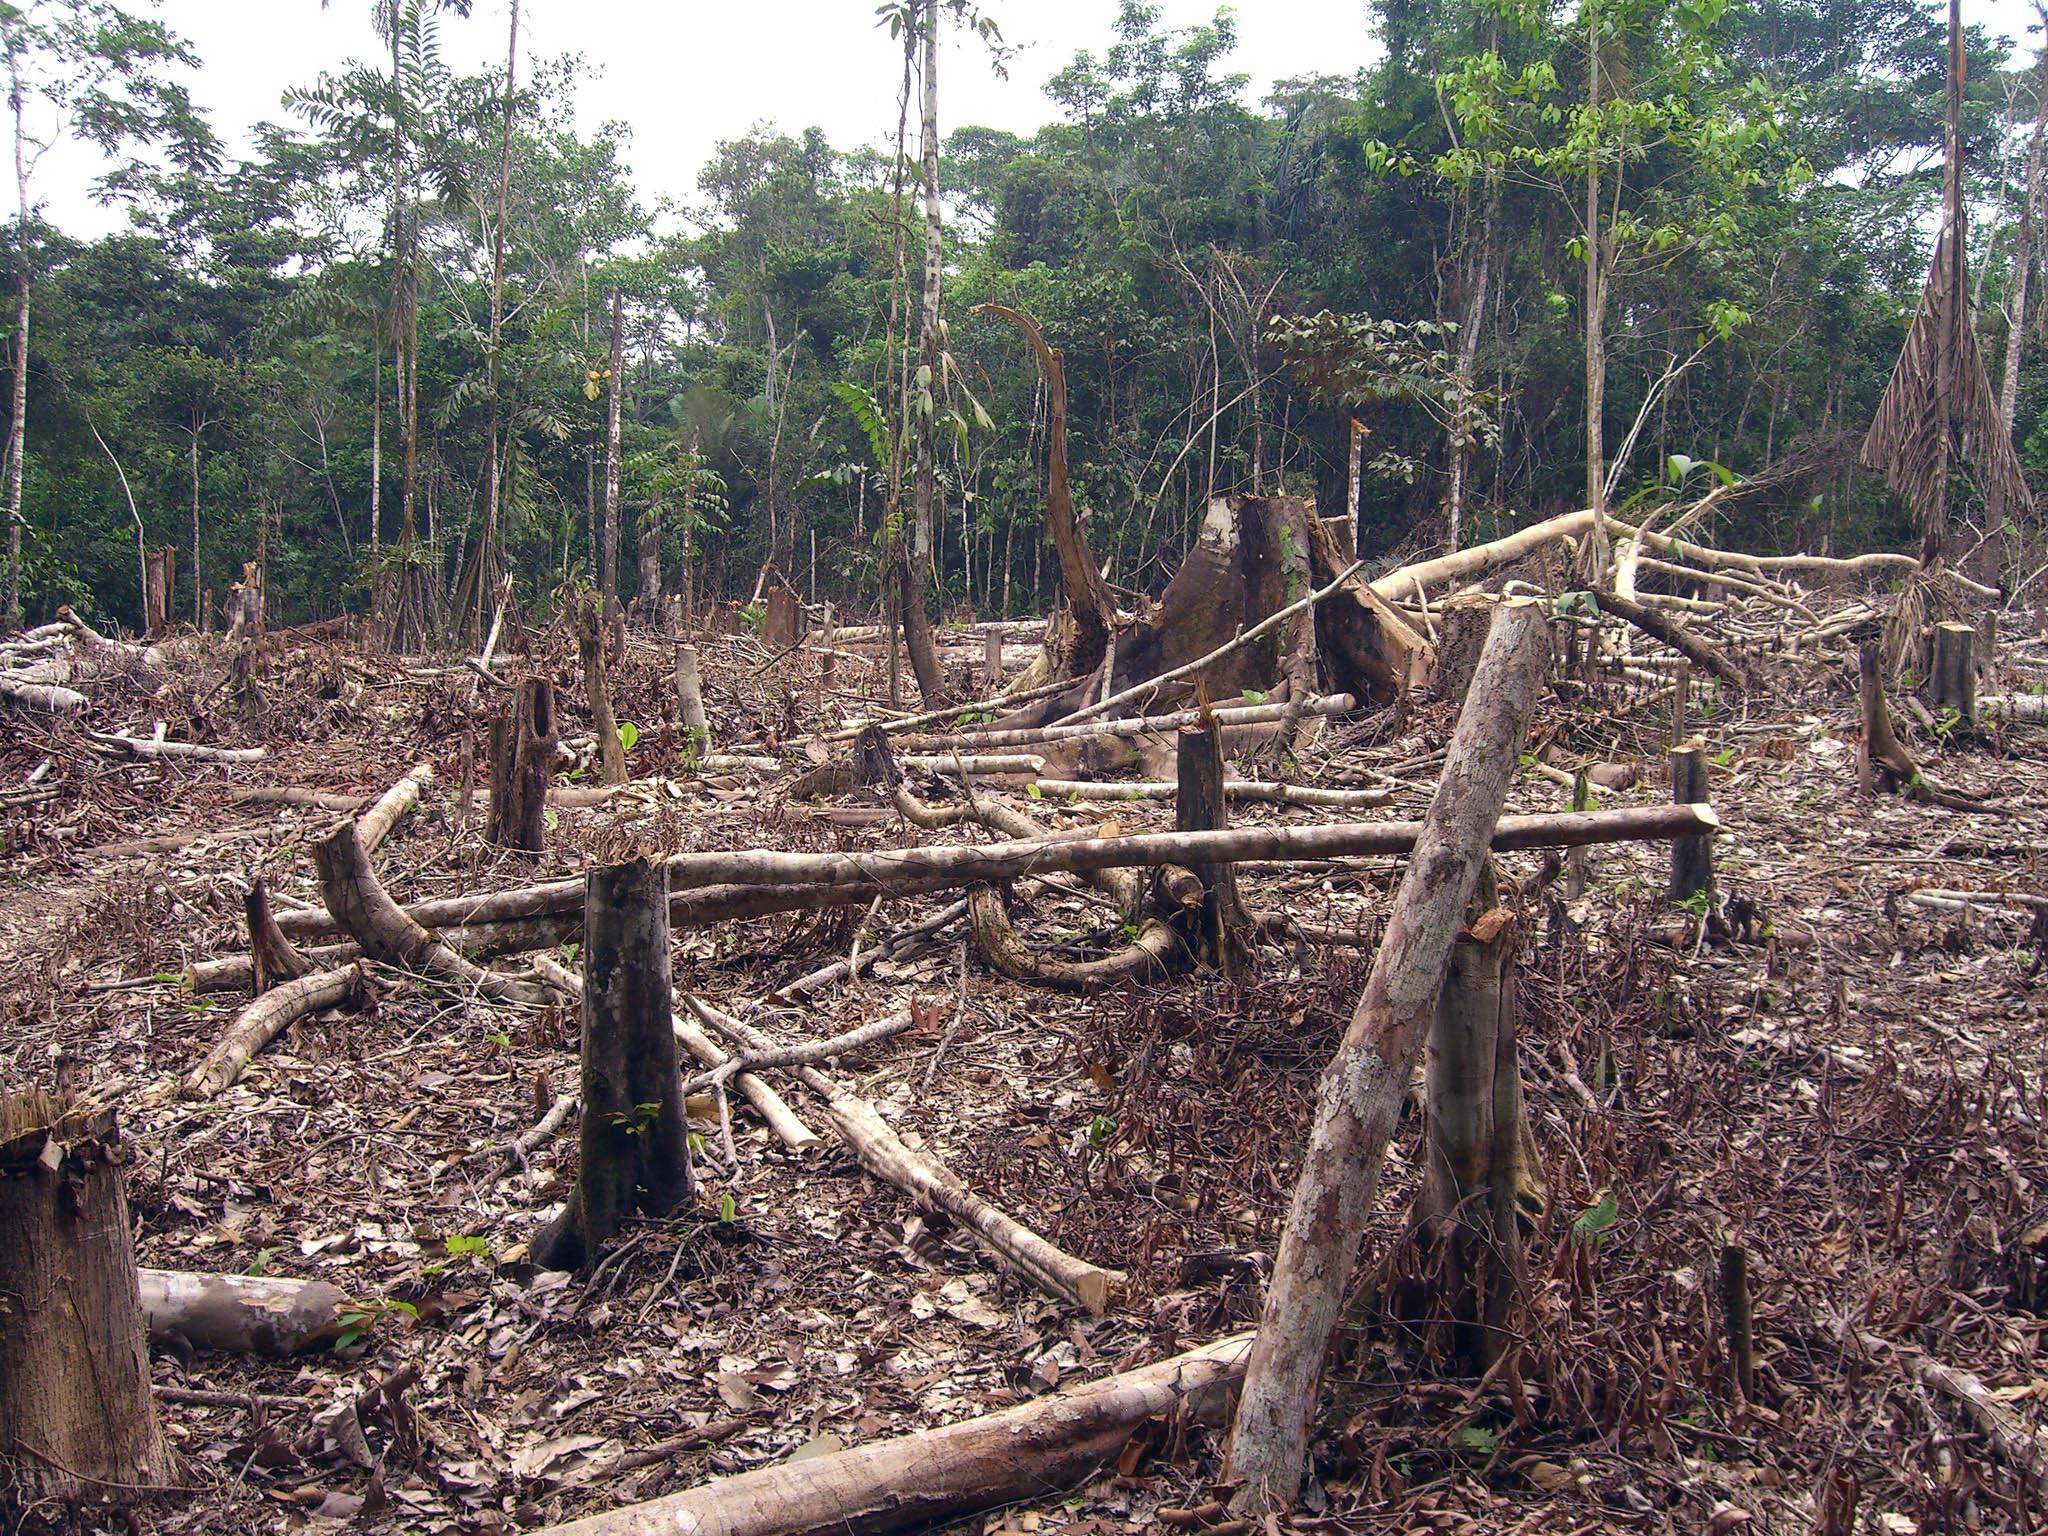 geordete Bäume